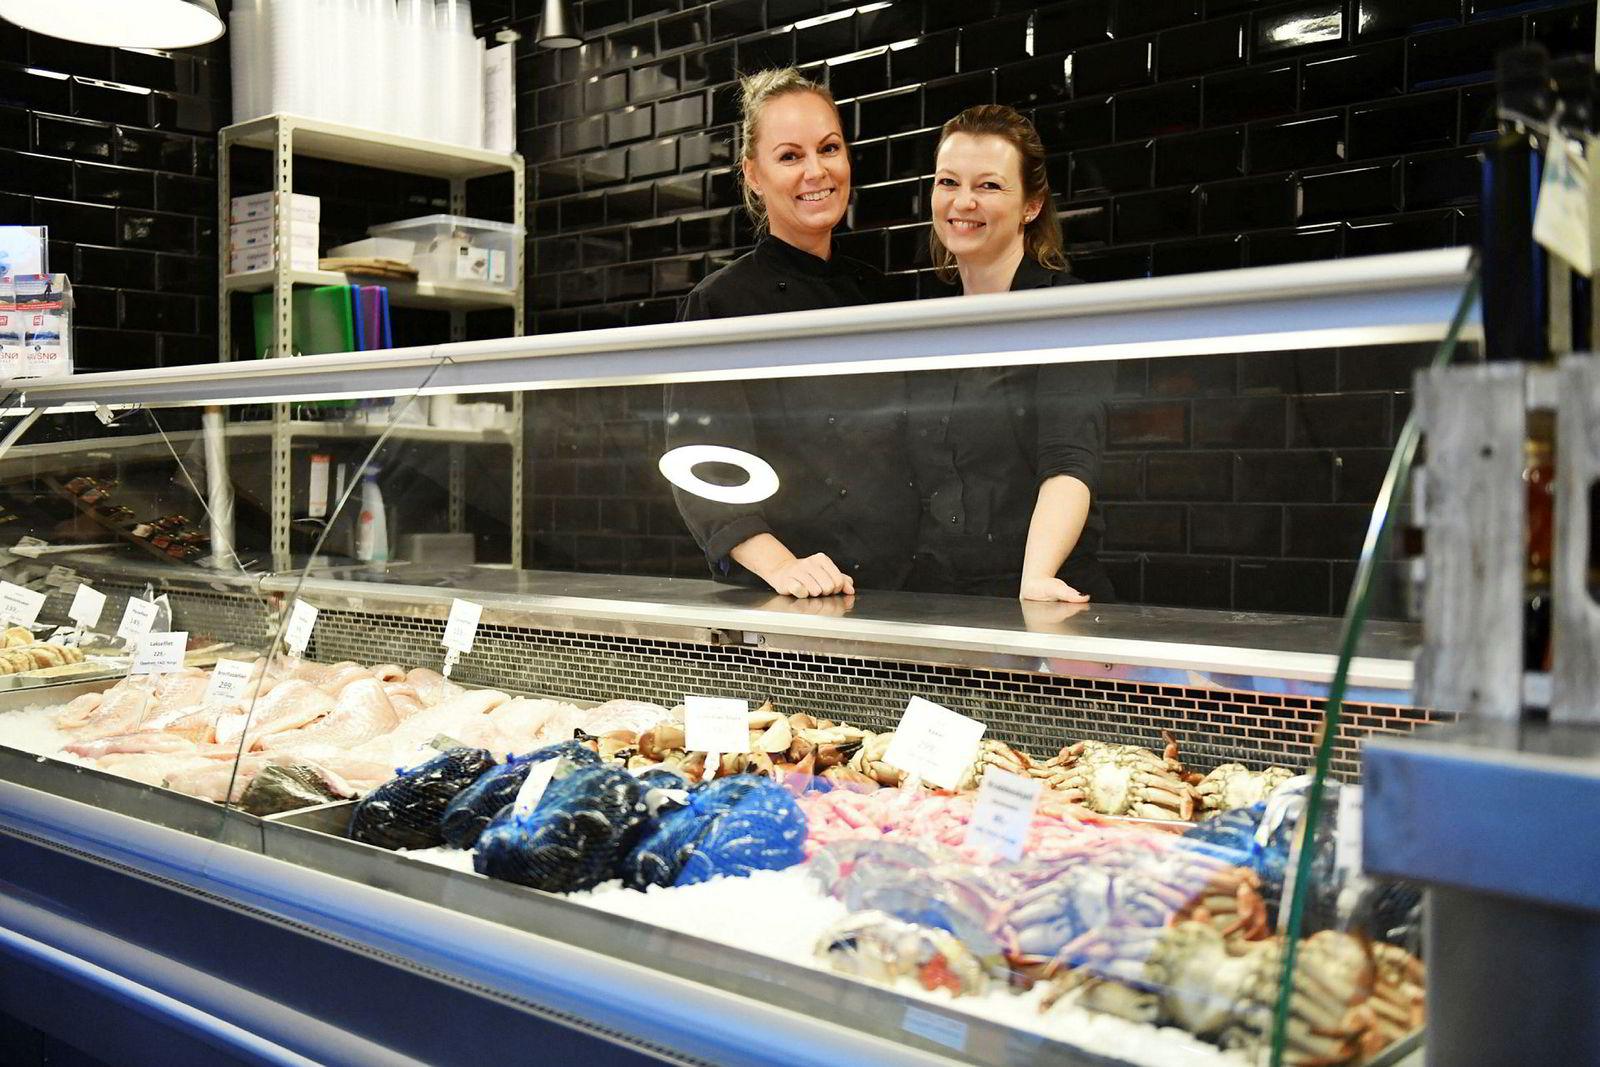 Ut fra sjømatgrossisten Sjømatkompaniet sprang Fisketorget restaurant i Ålesund som både er fiskebutikk og restaurant. Her er hovedeier Fride Fiskerstrand sammen med restaurantsjef Anita Bendiksen Rogne.